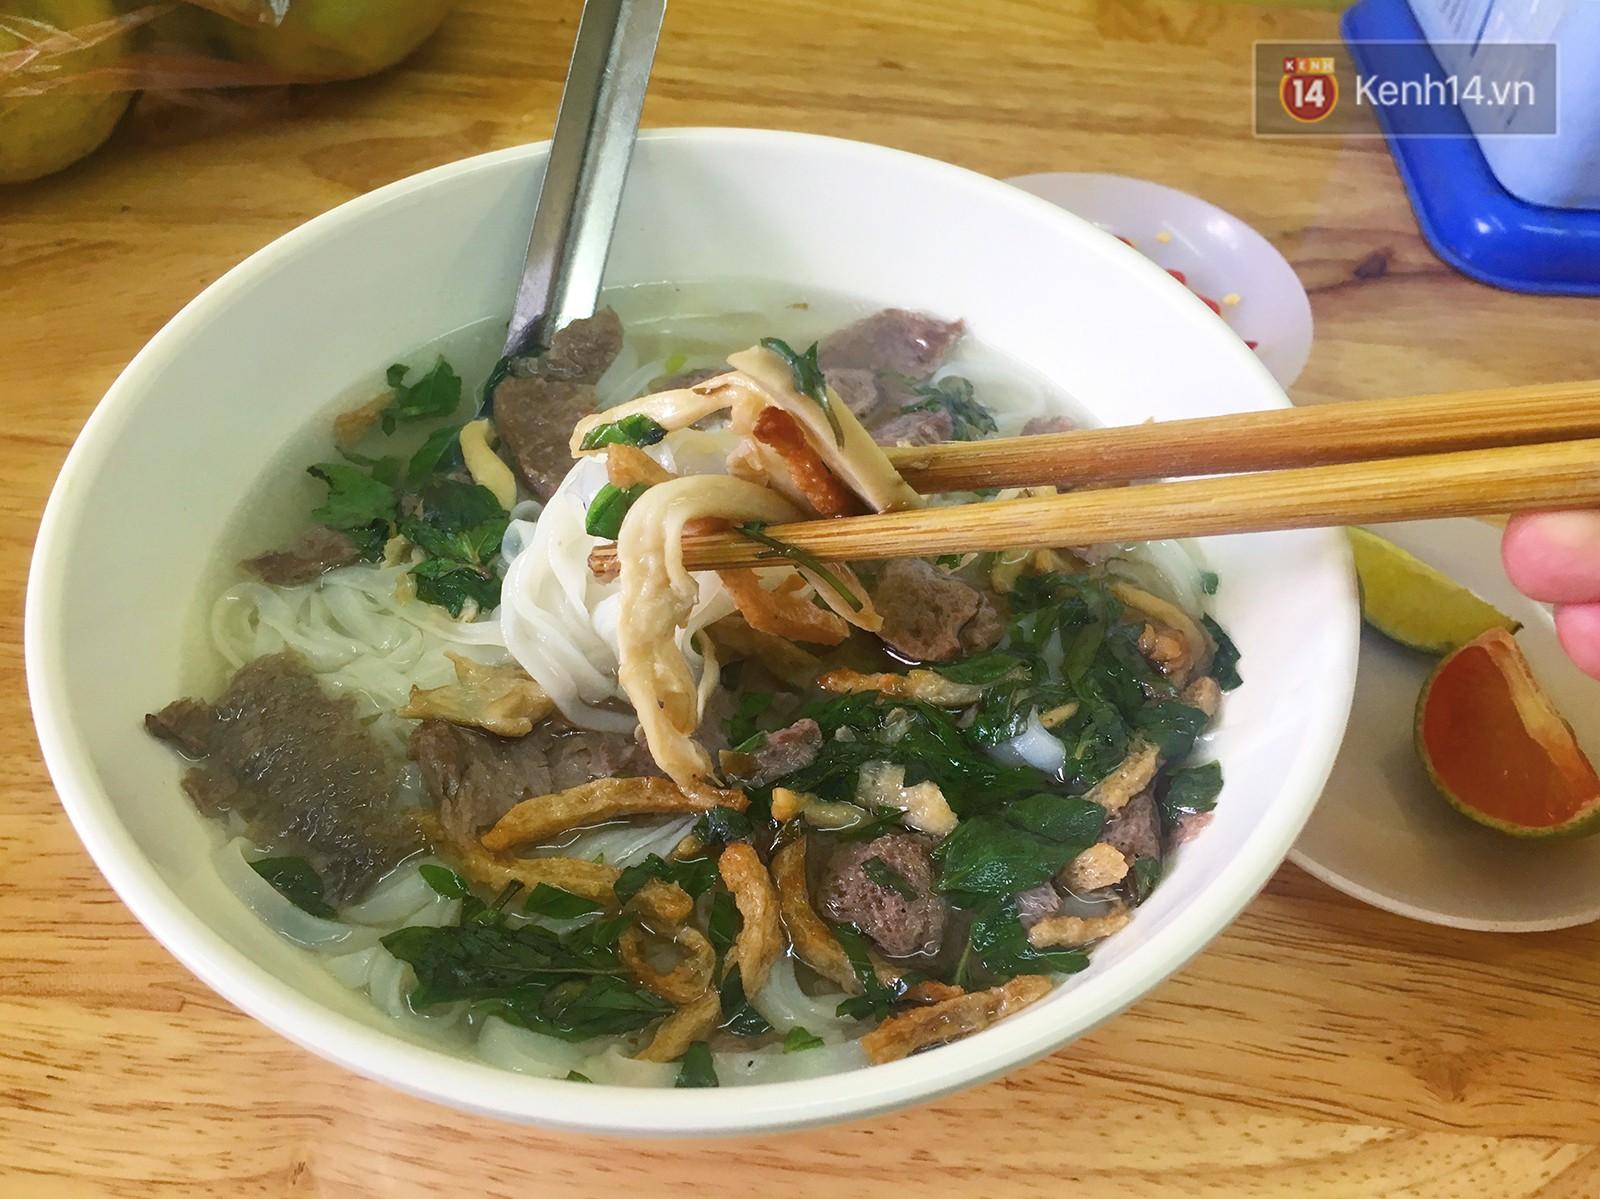 Ở Hà Nội có một hàng phở chỉ 15k/bát mà đầy đủ thịt bò, gà, giò và đến khi ăn mới thấy thú vị - Ảnh 4.